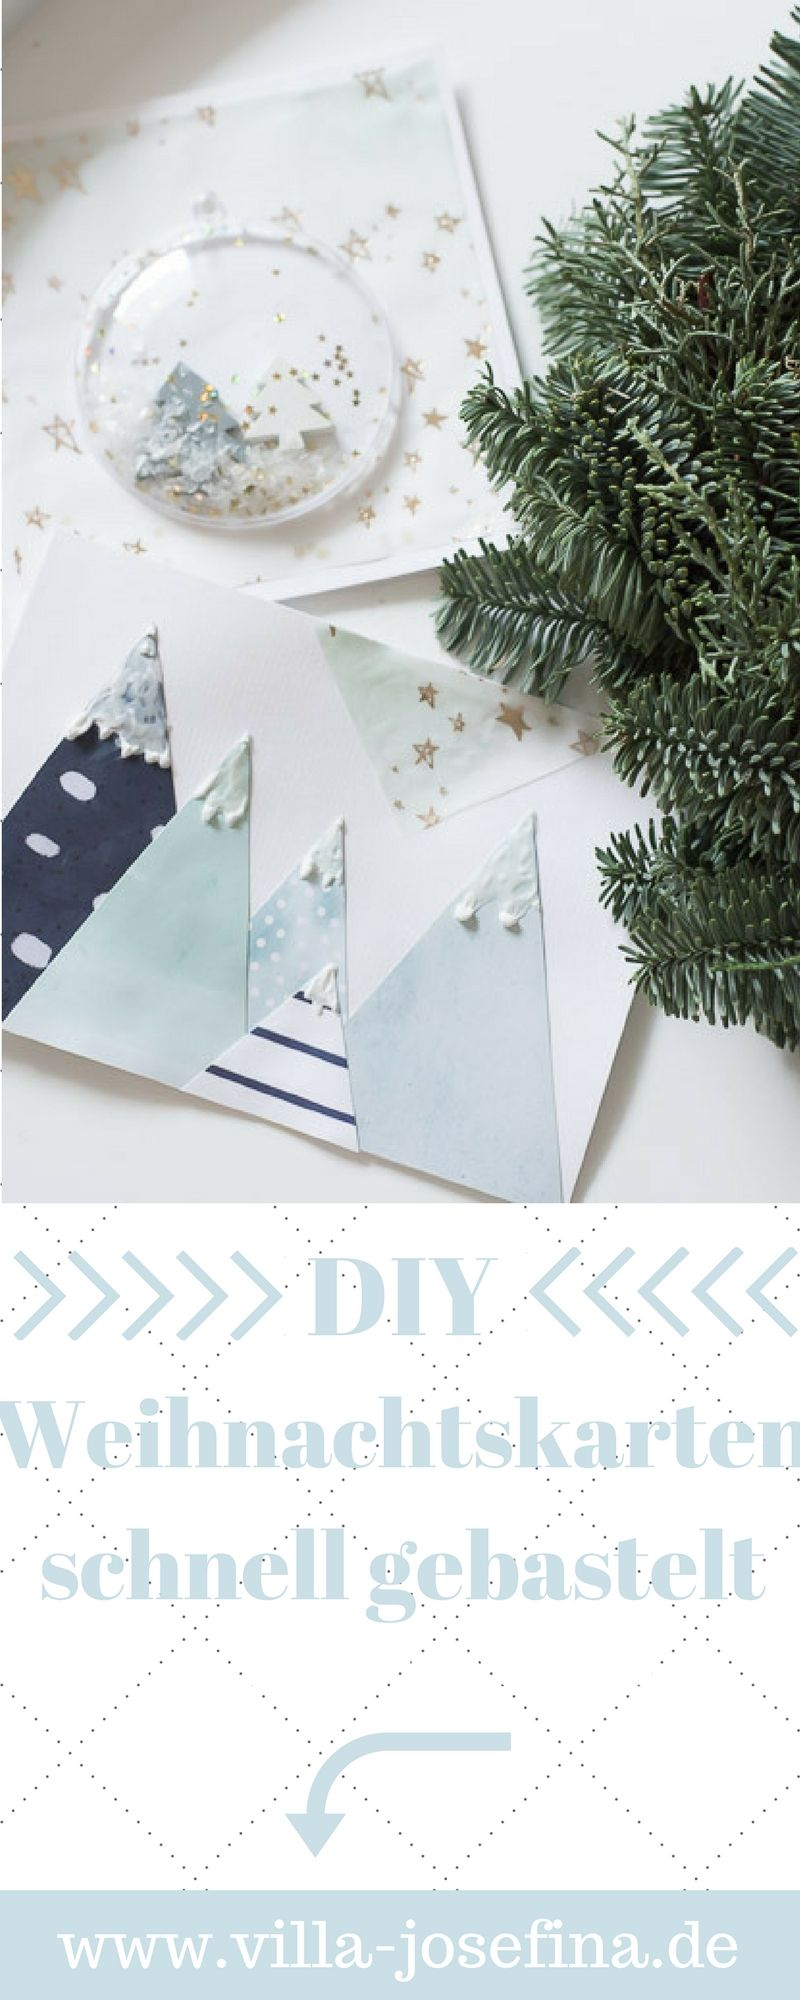 Persönliche Weihnachtskarten Foto.Weihnachtskarten Selbst Basteln Geschenkideen Verpackungen